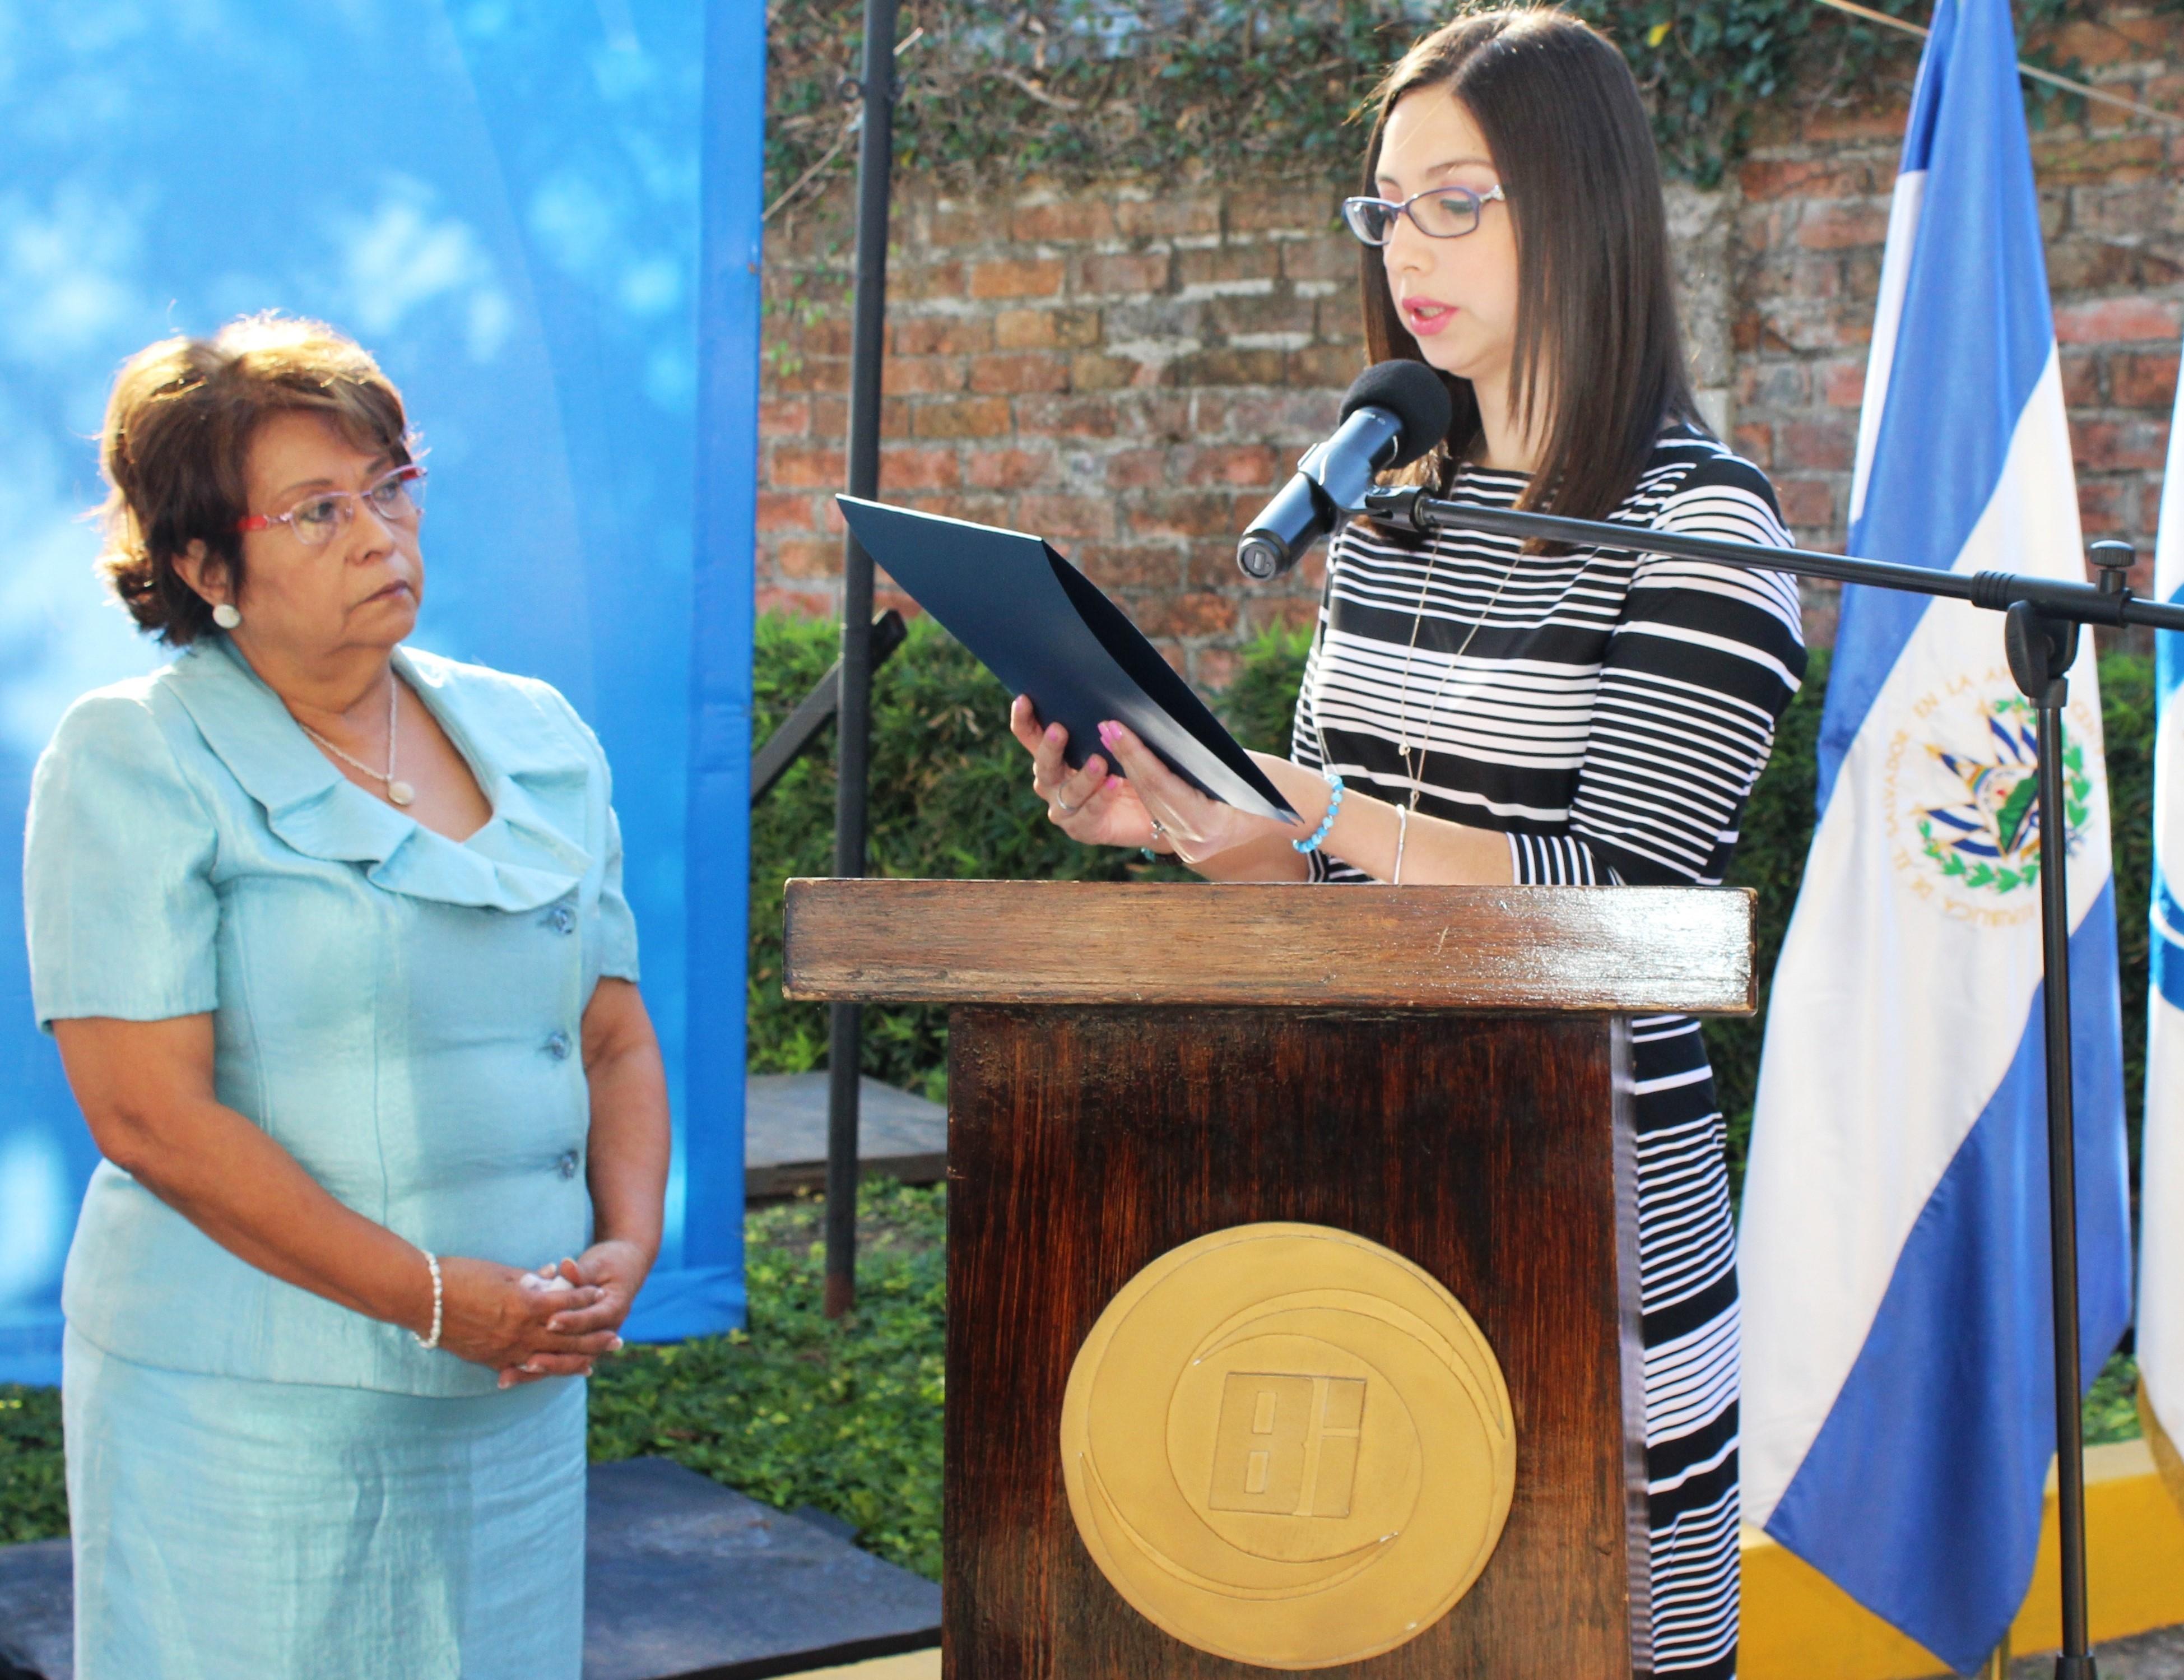 Banco Industrial otorga reconocimiento a Rina Francia Bolaños por su destacada labor